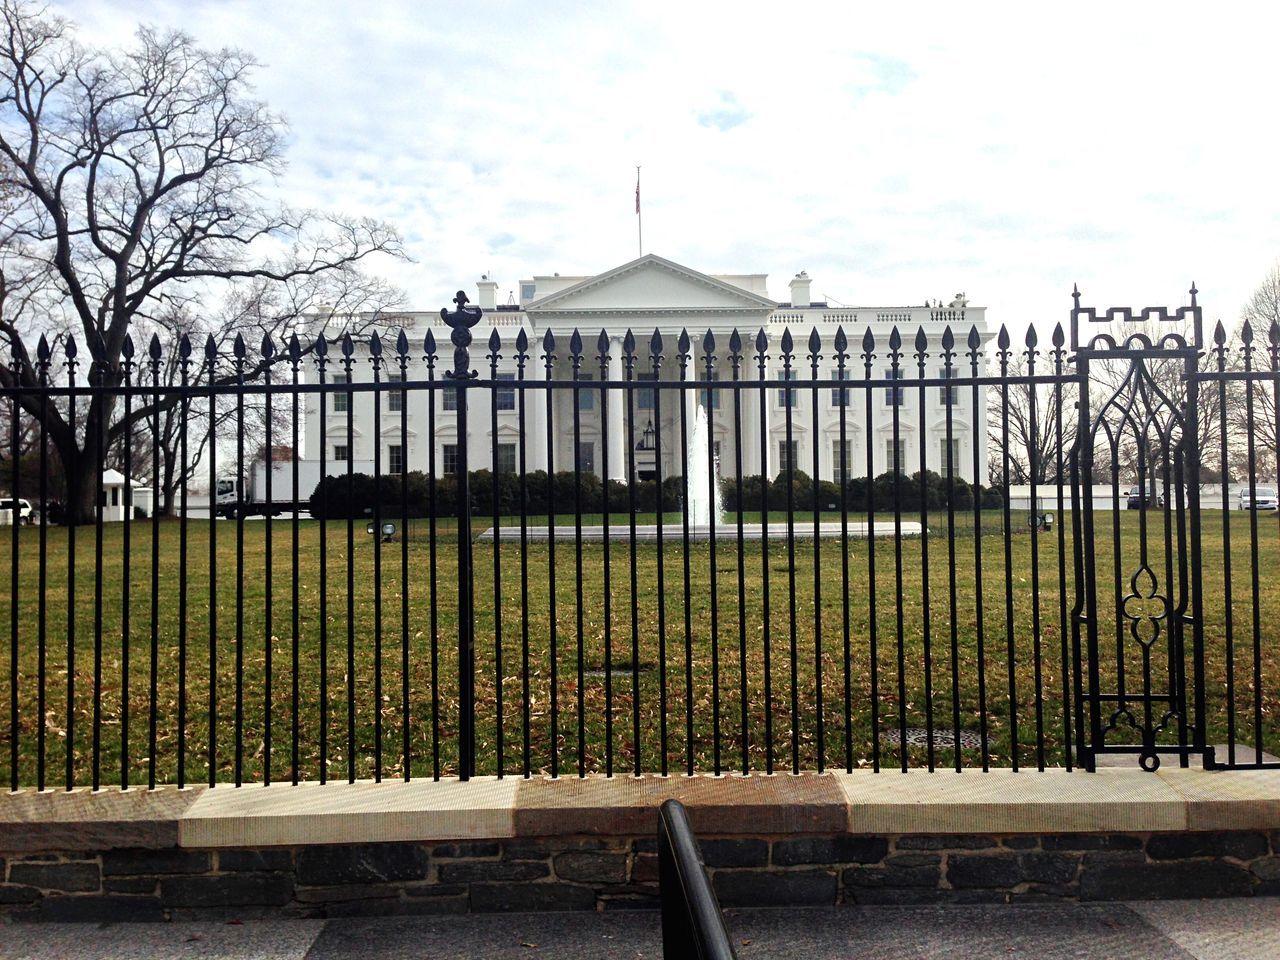 The White House, Washington DC . White House WashingtonDC Washington, D. C. Helloworld Obama United States US Capitol Building City Taking Photos EyeEm